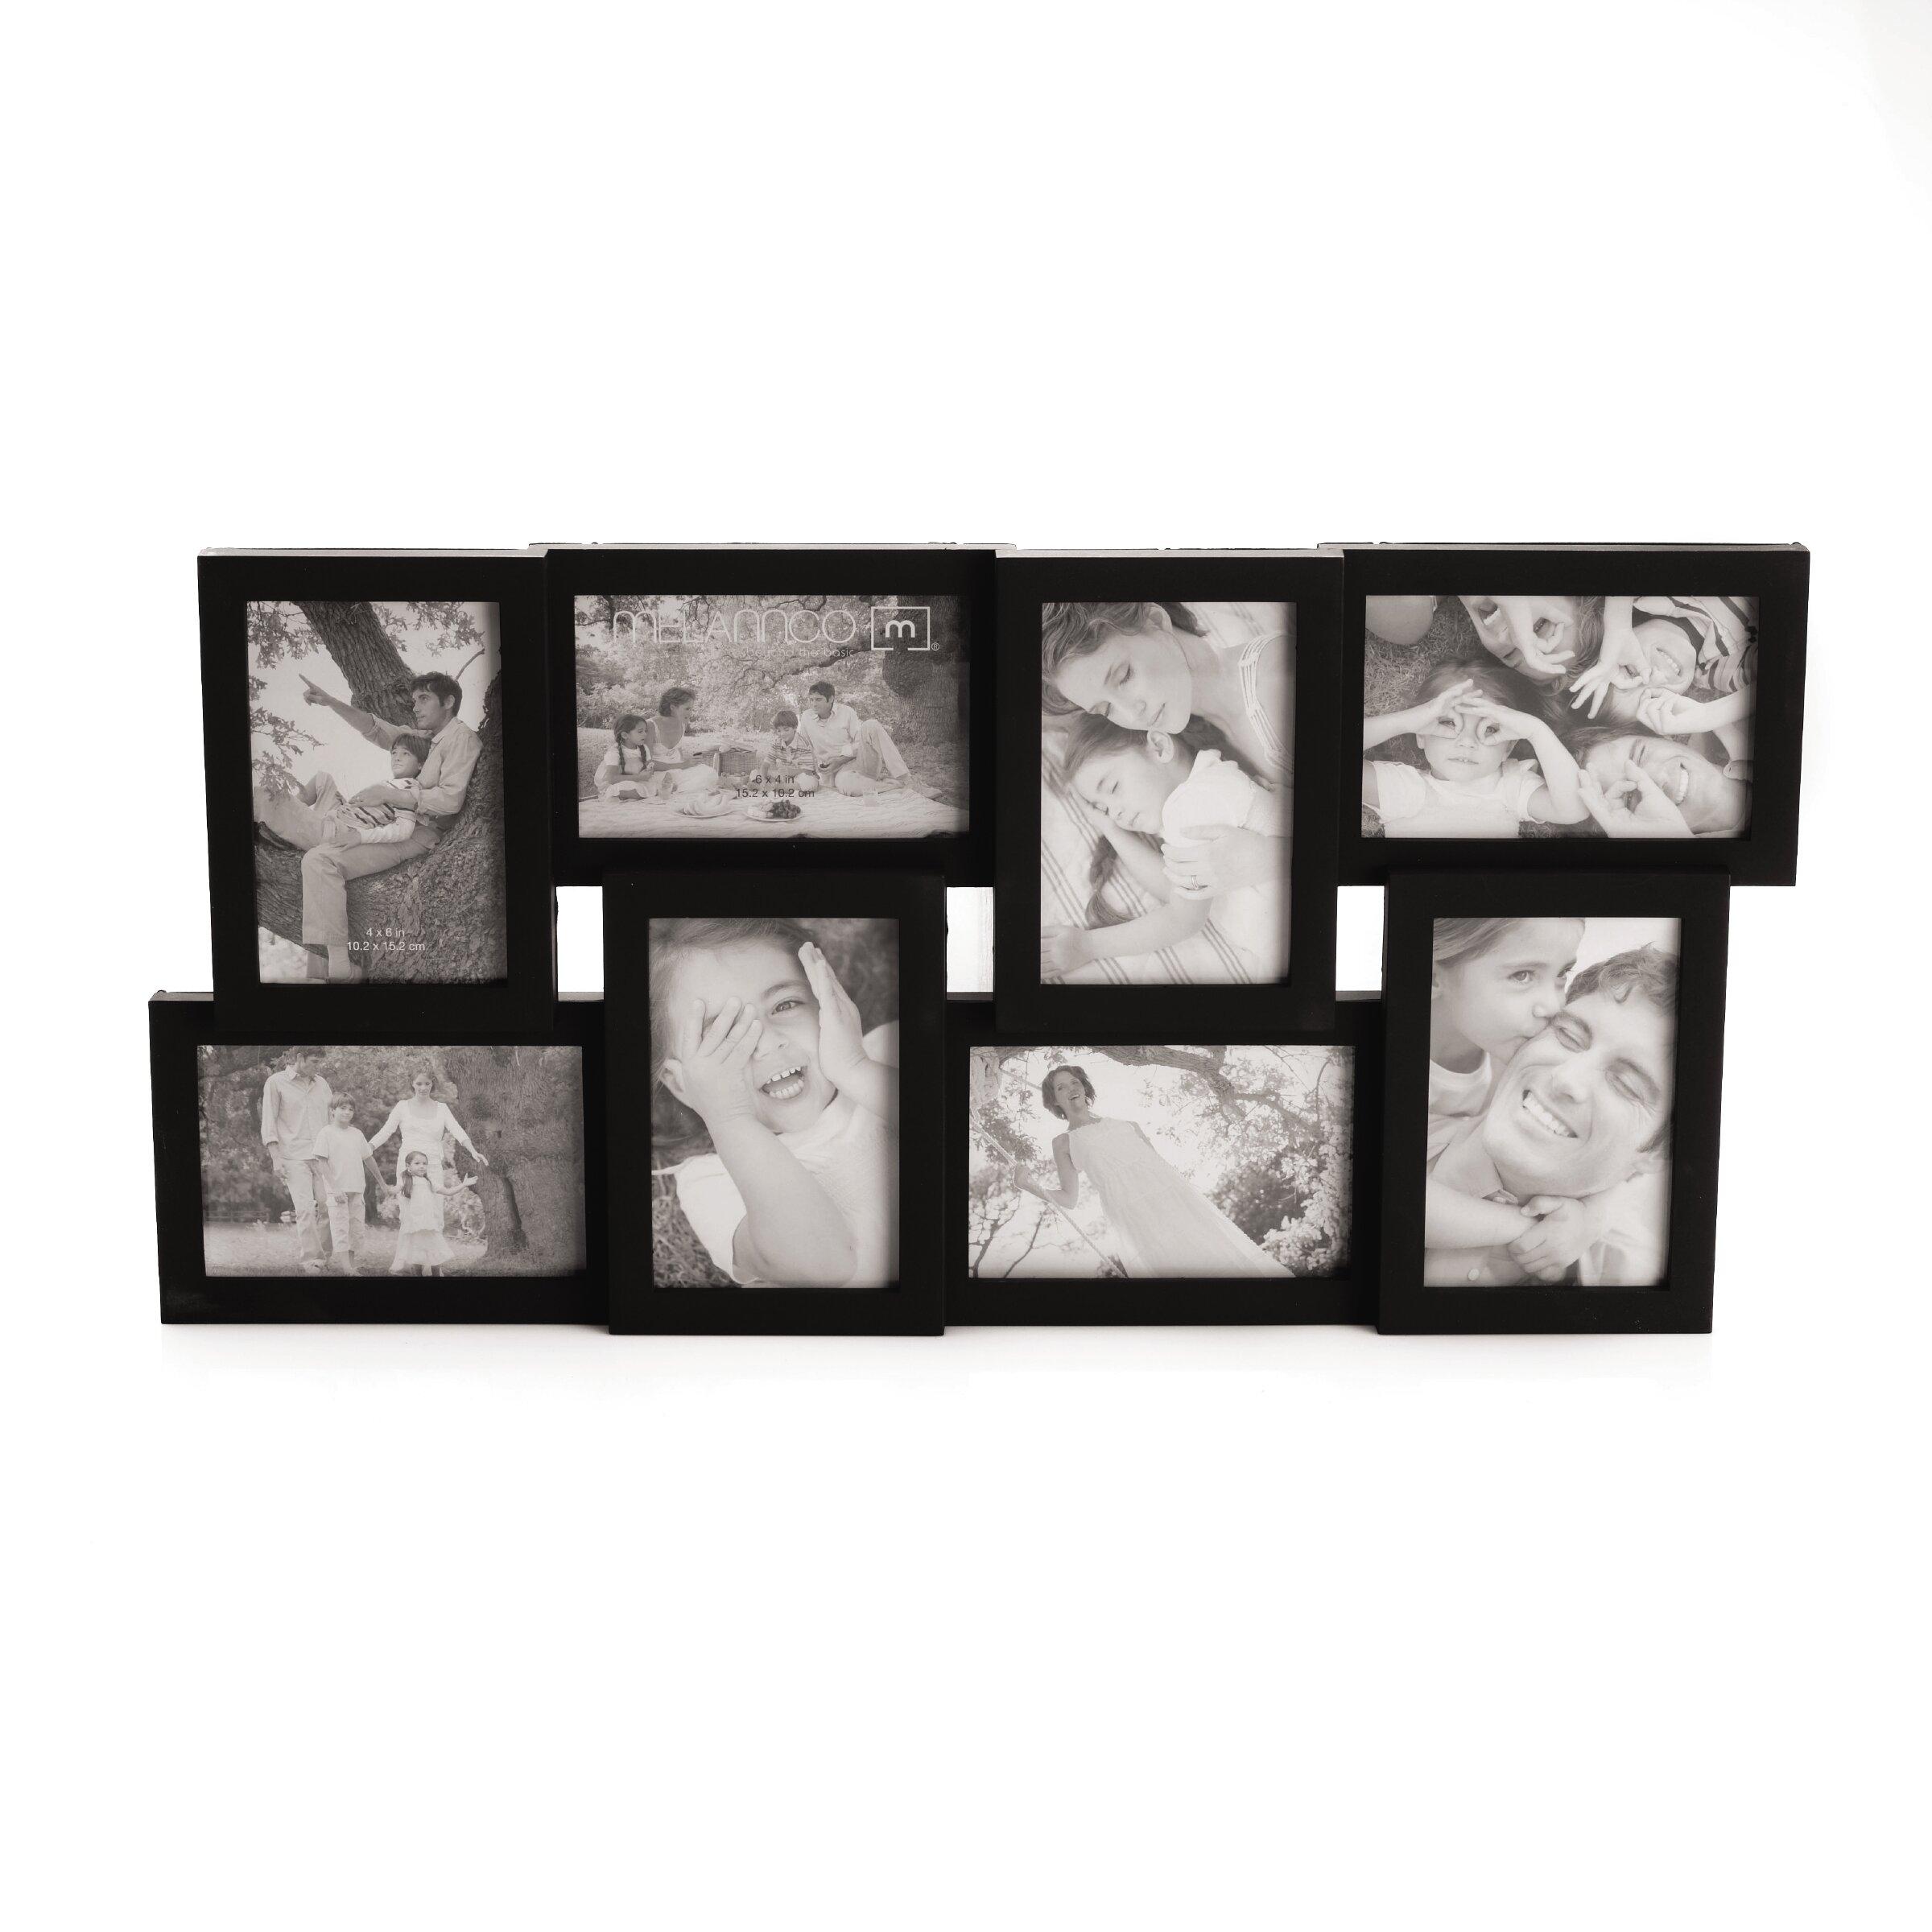 andover mills 8 opening collage frame. Black Bedroom Furniture Sets. Home Design Ideas